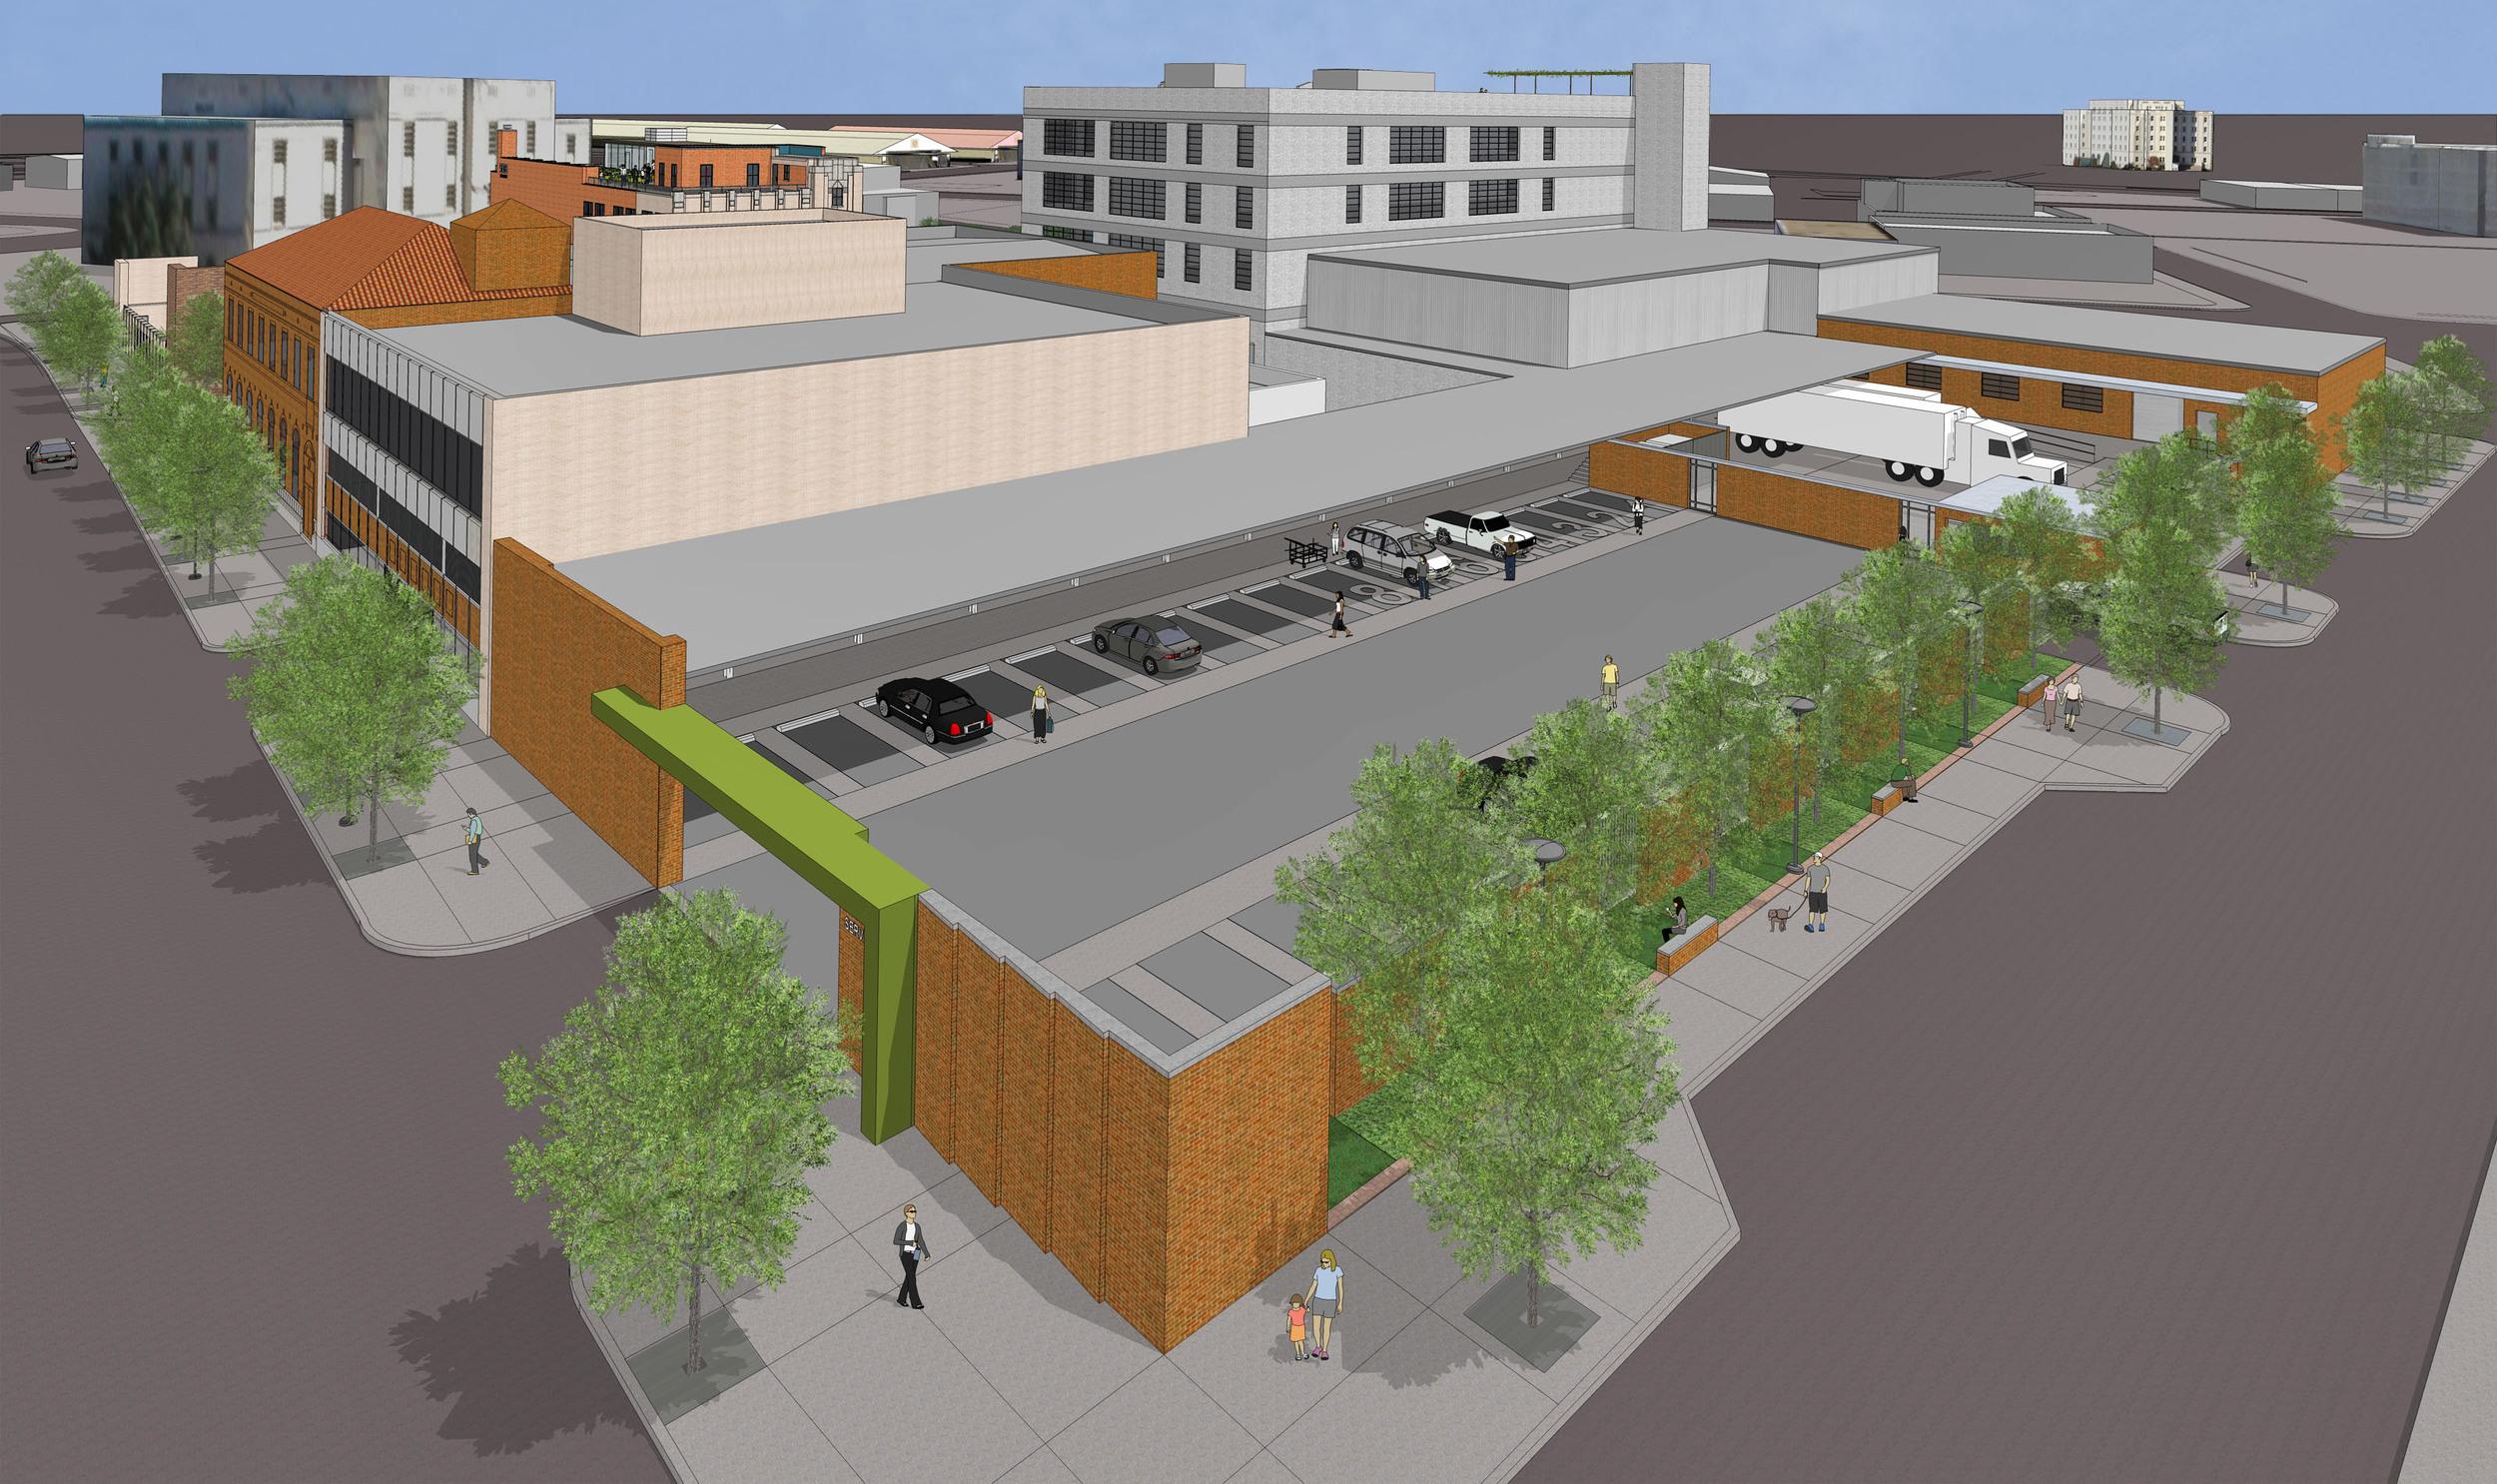 515 park_Loading Dock View.jpg